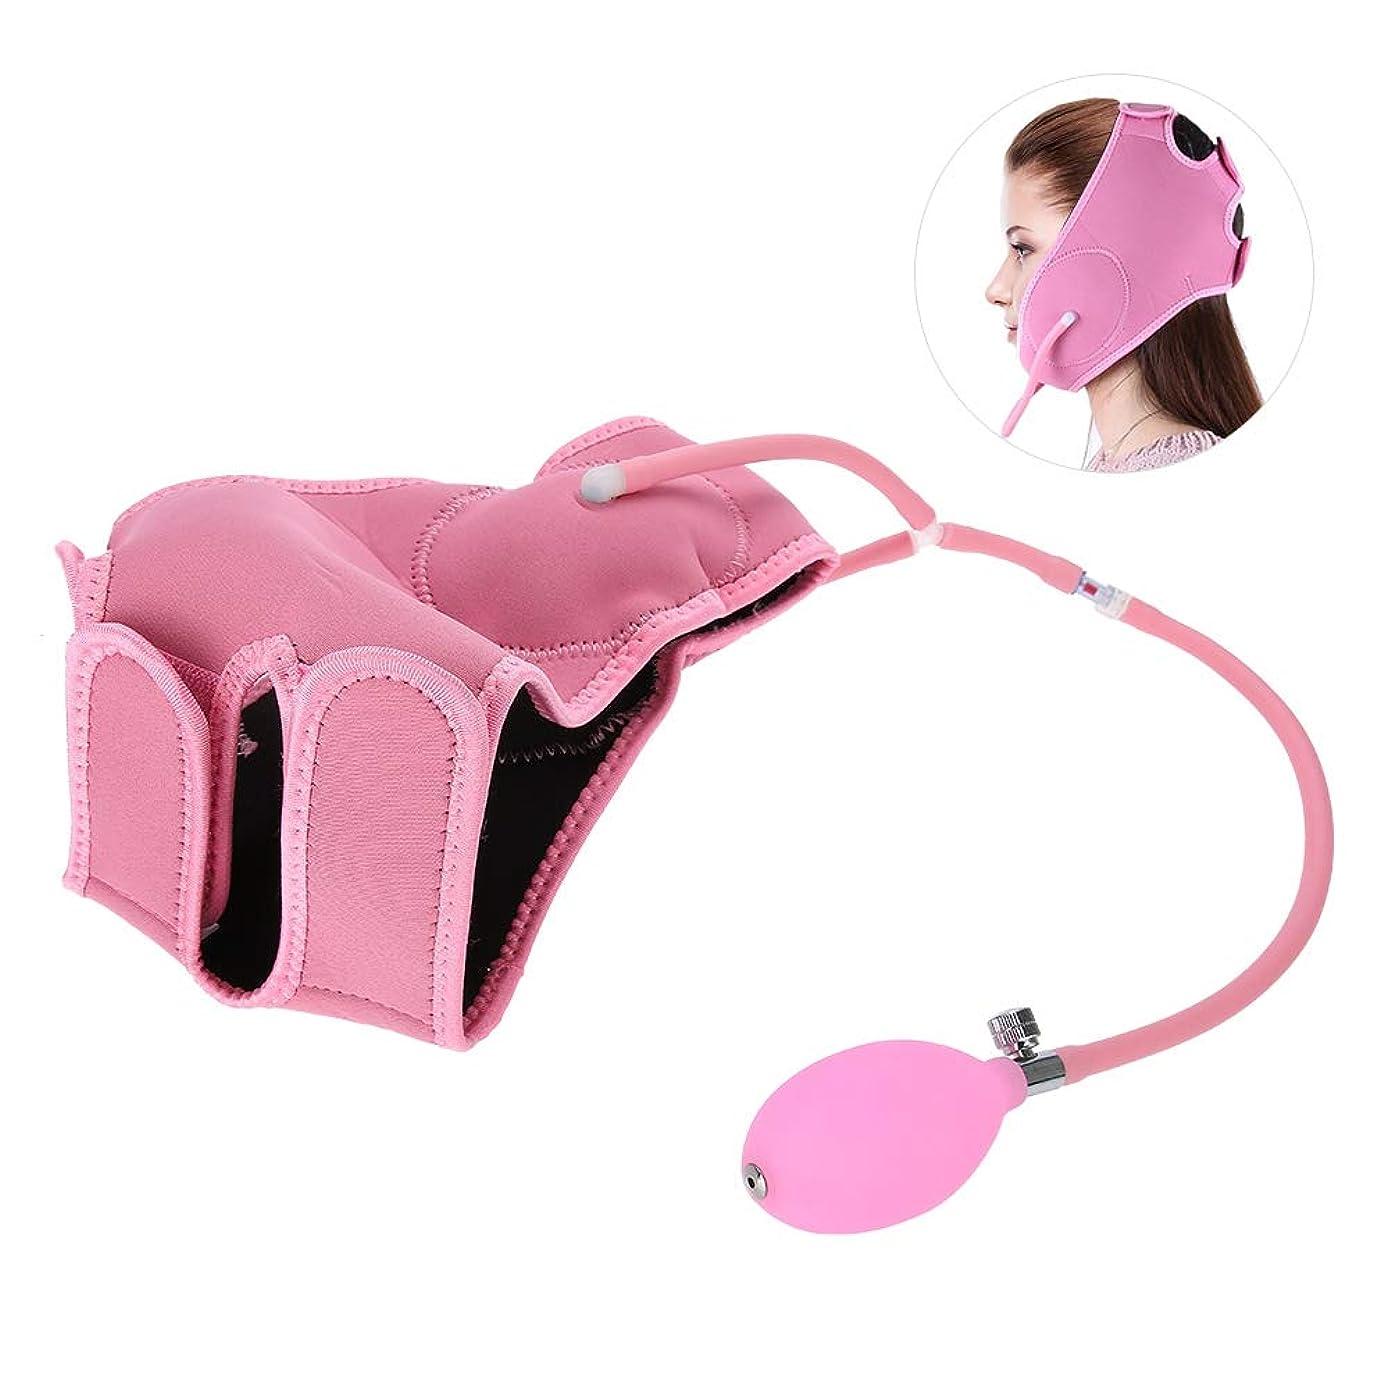 モードリン浸すのれんエアバッグ、美顔術および細くおよび顔の持ち上がることのための是正包帯が付いている顔の修正マスク